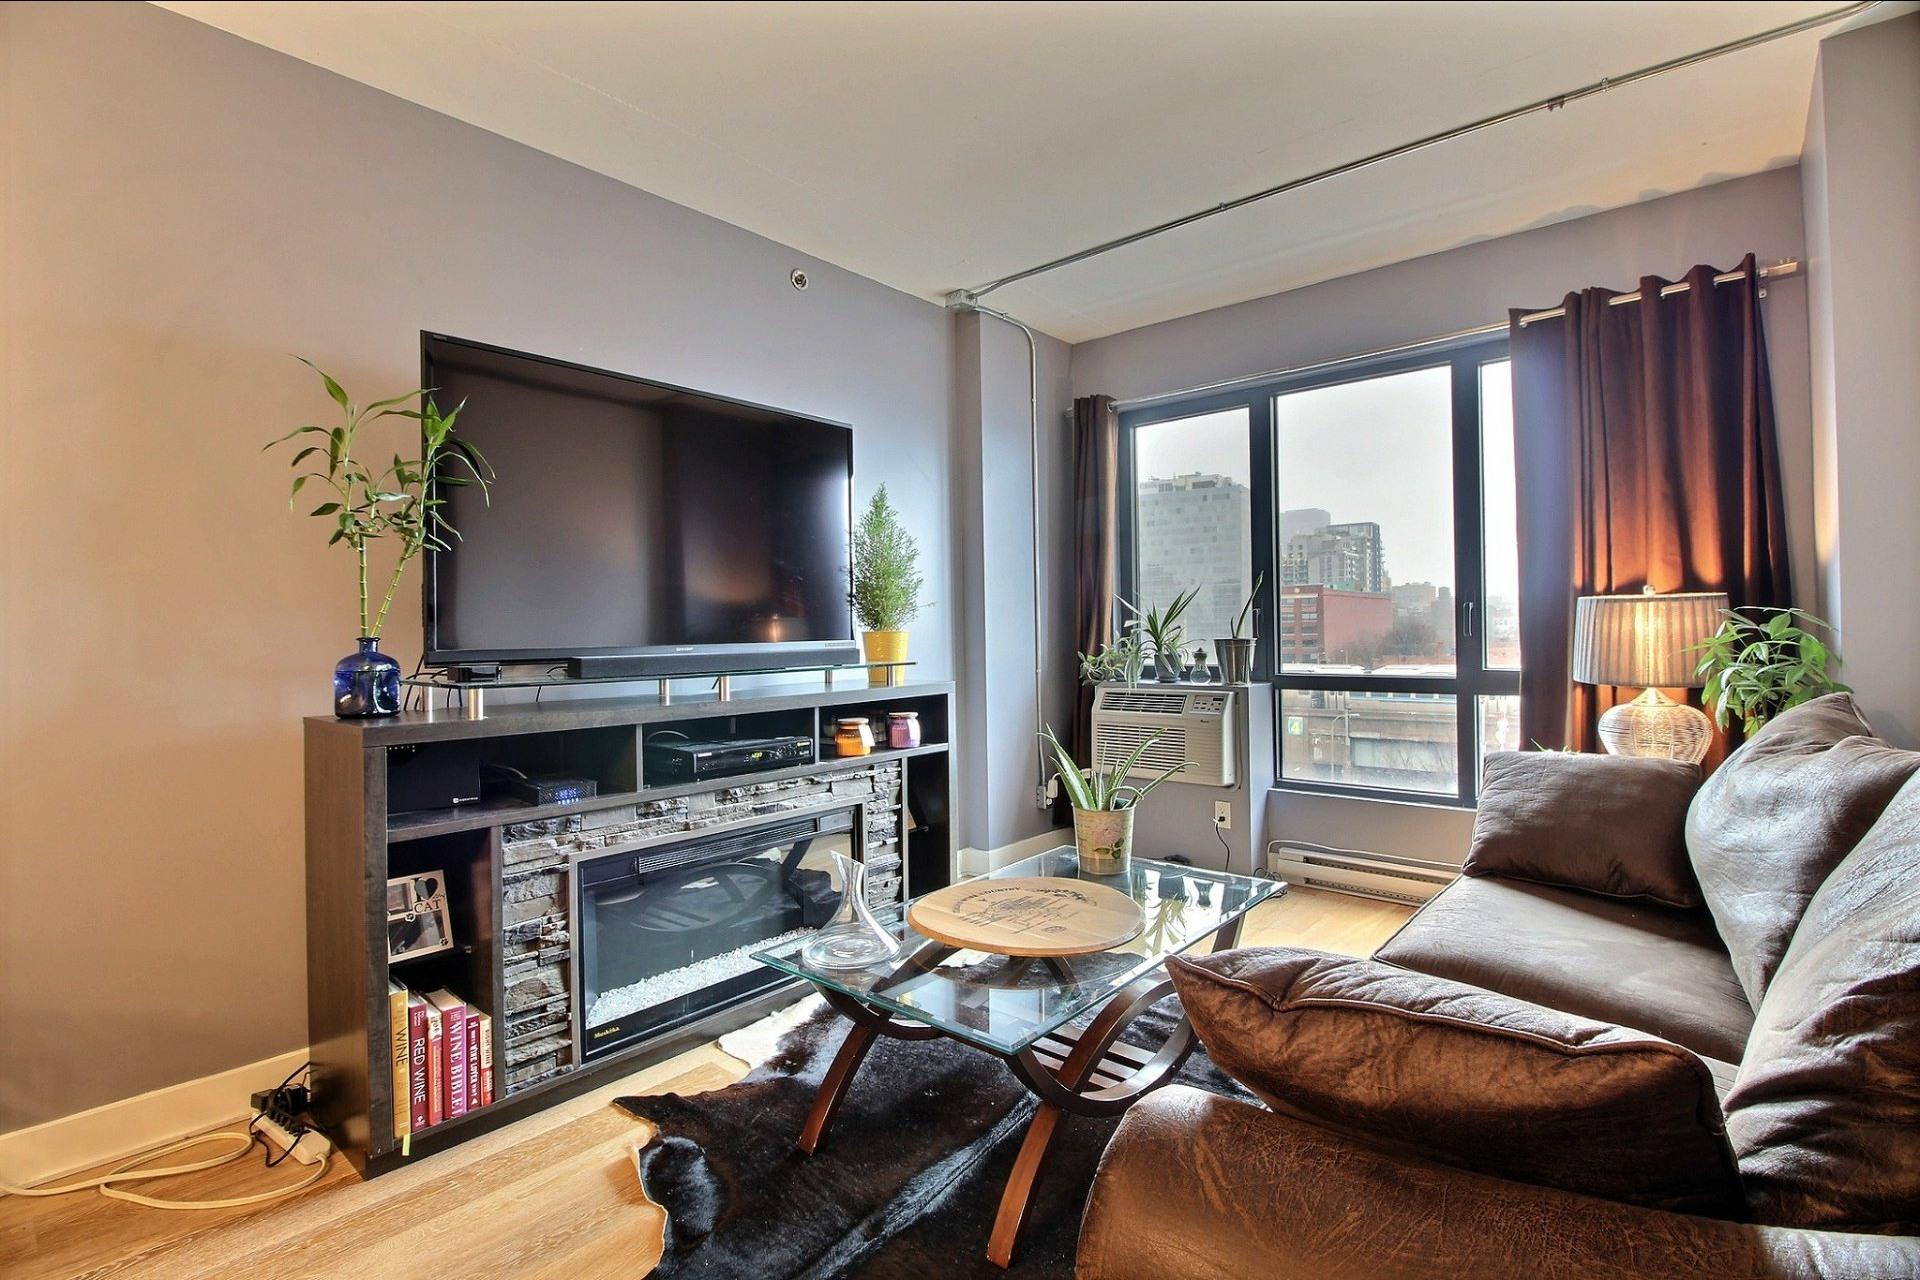 image 2 - Appartement À louer Montréal Le Sud-Ouest  - 3 pièces